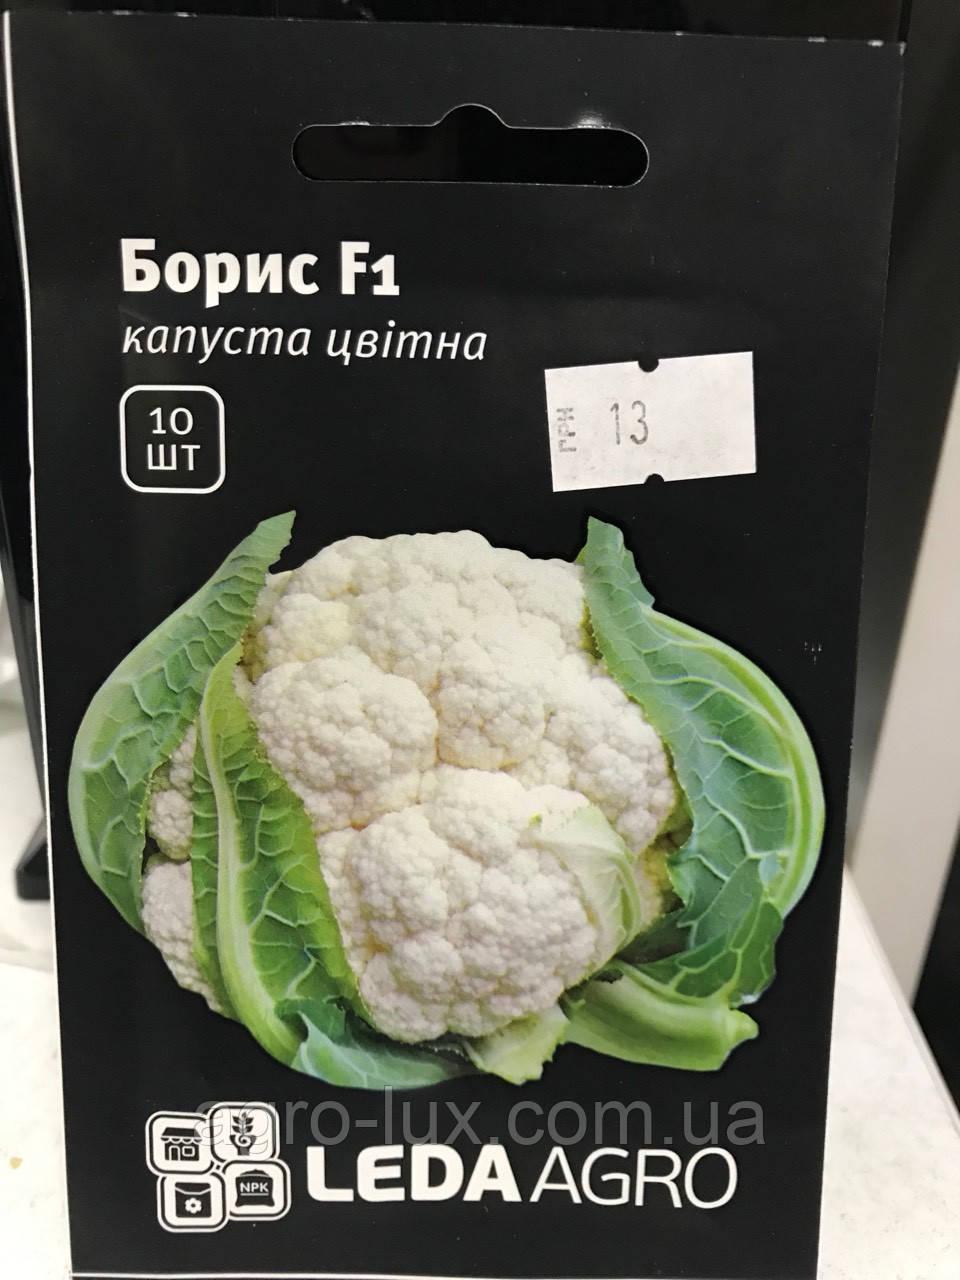 Семена капусты цветной Борис F1 10 шт